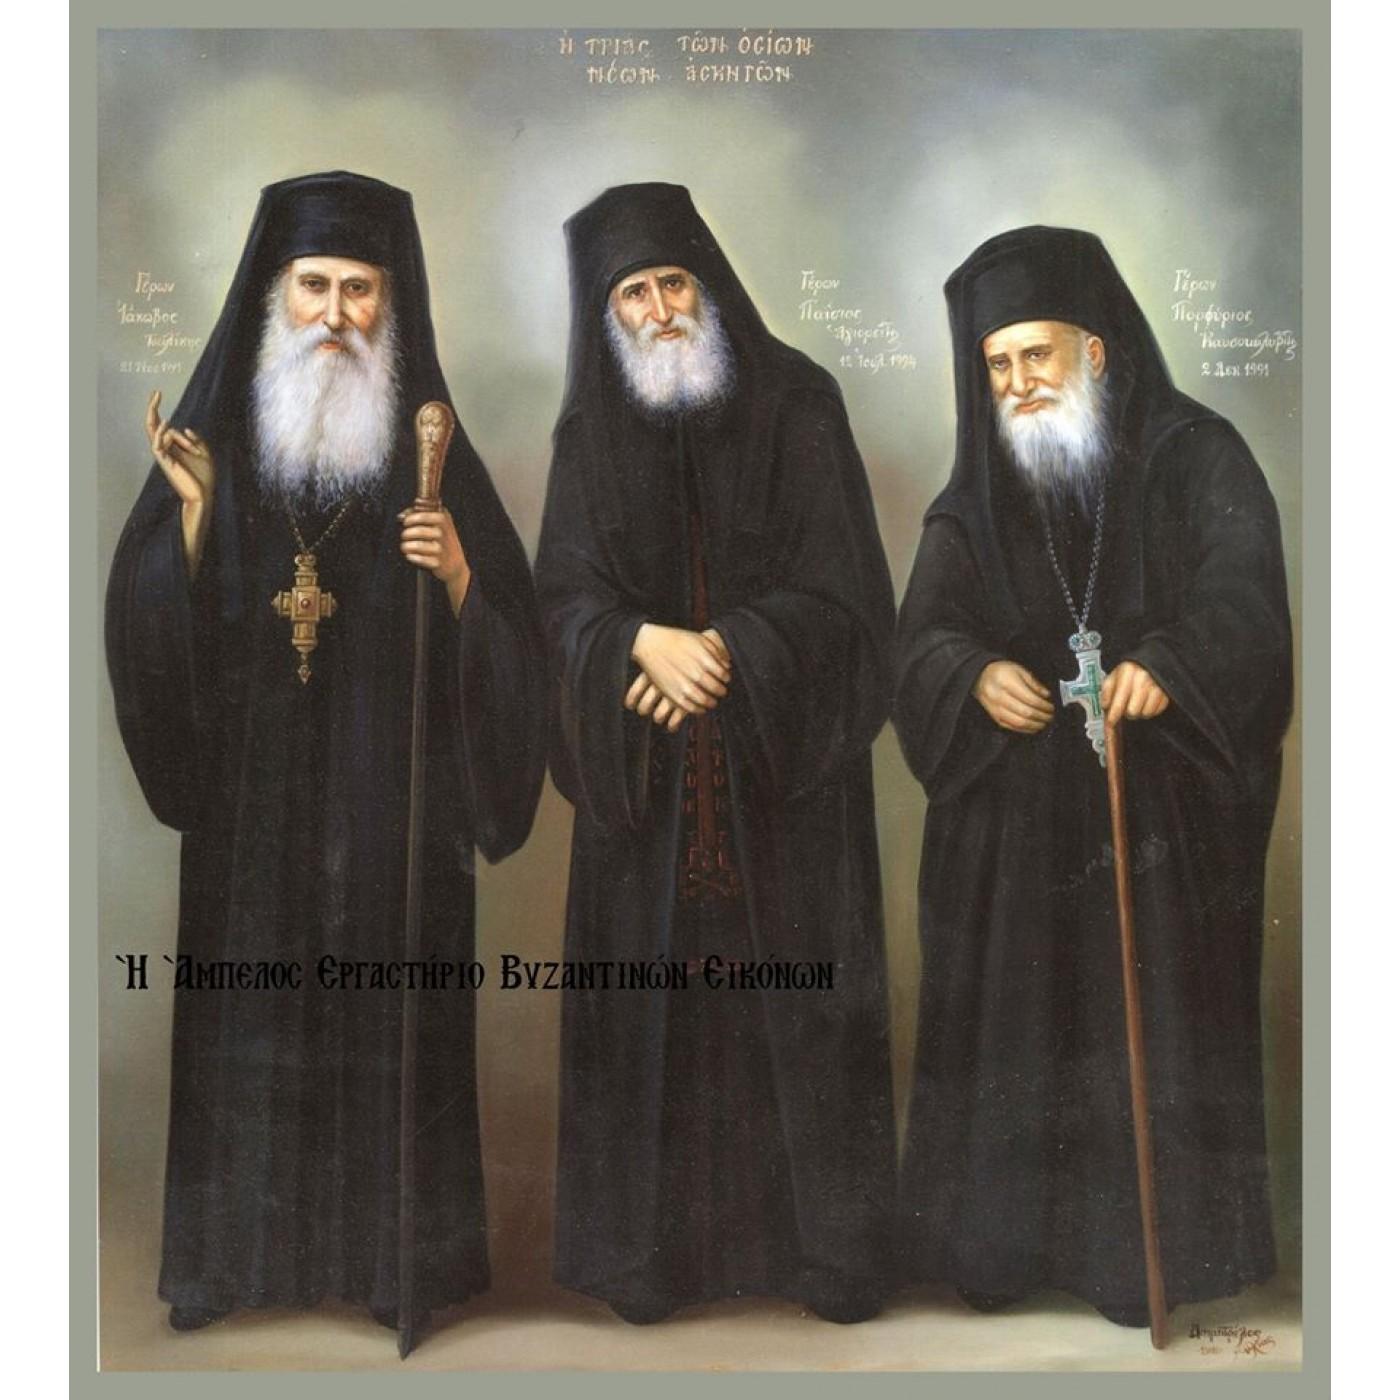 Η Τριάς των Οσίων νέων Ασκητών